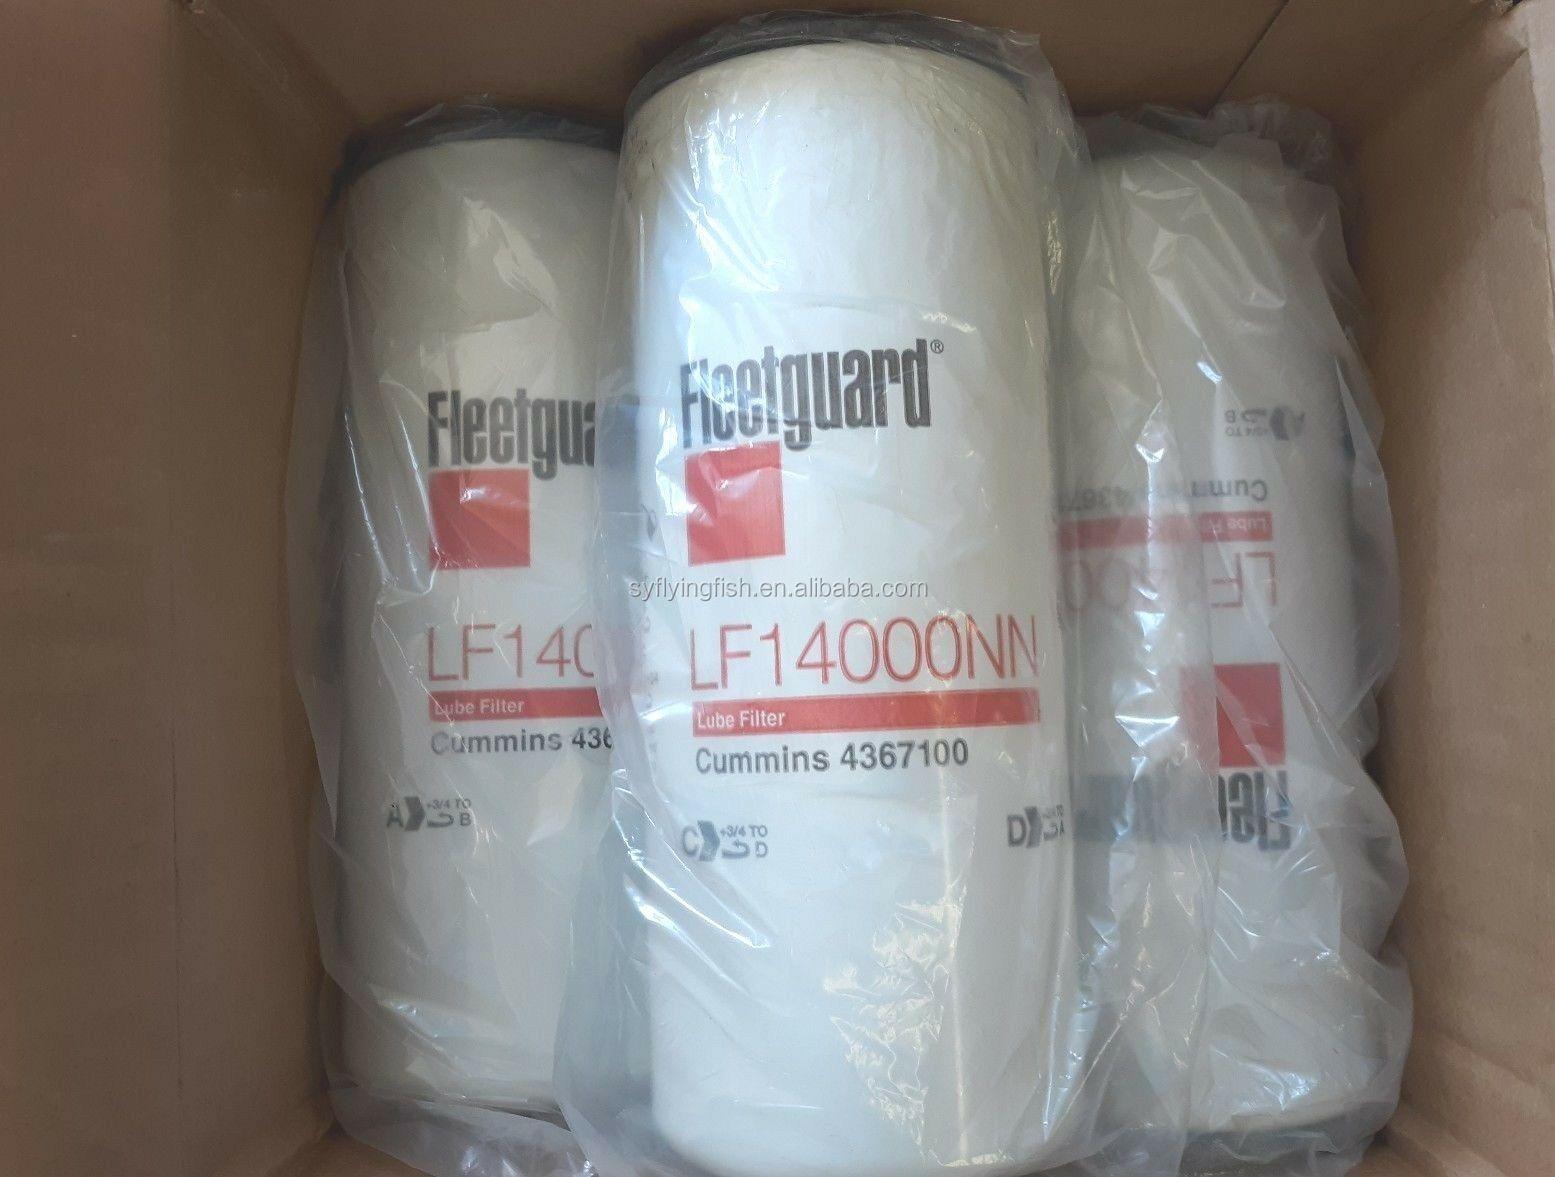 LF14000NN Fleeguard Oil Filter Pack of 6